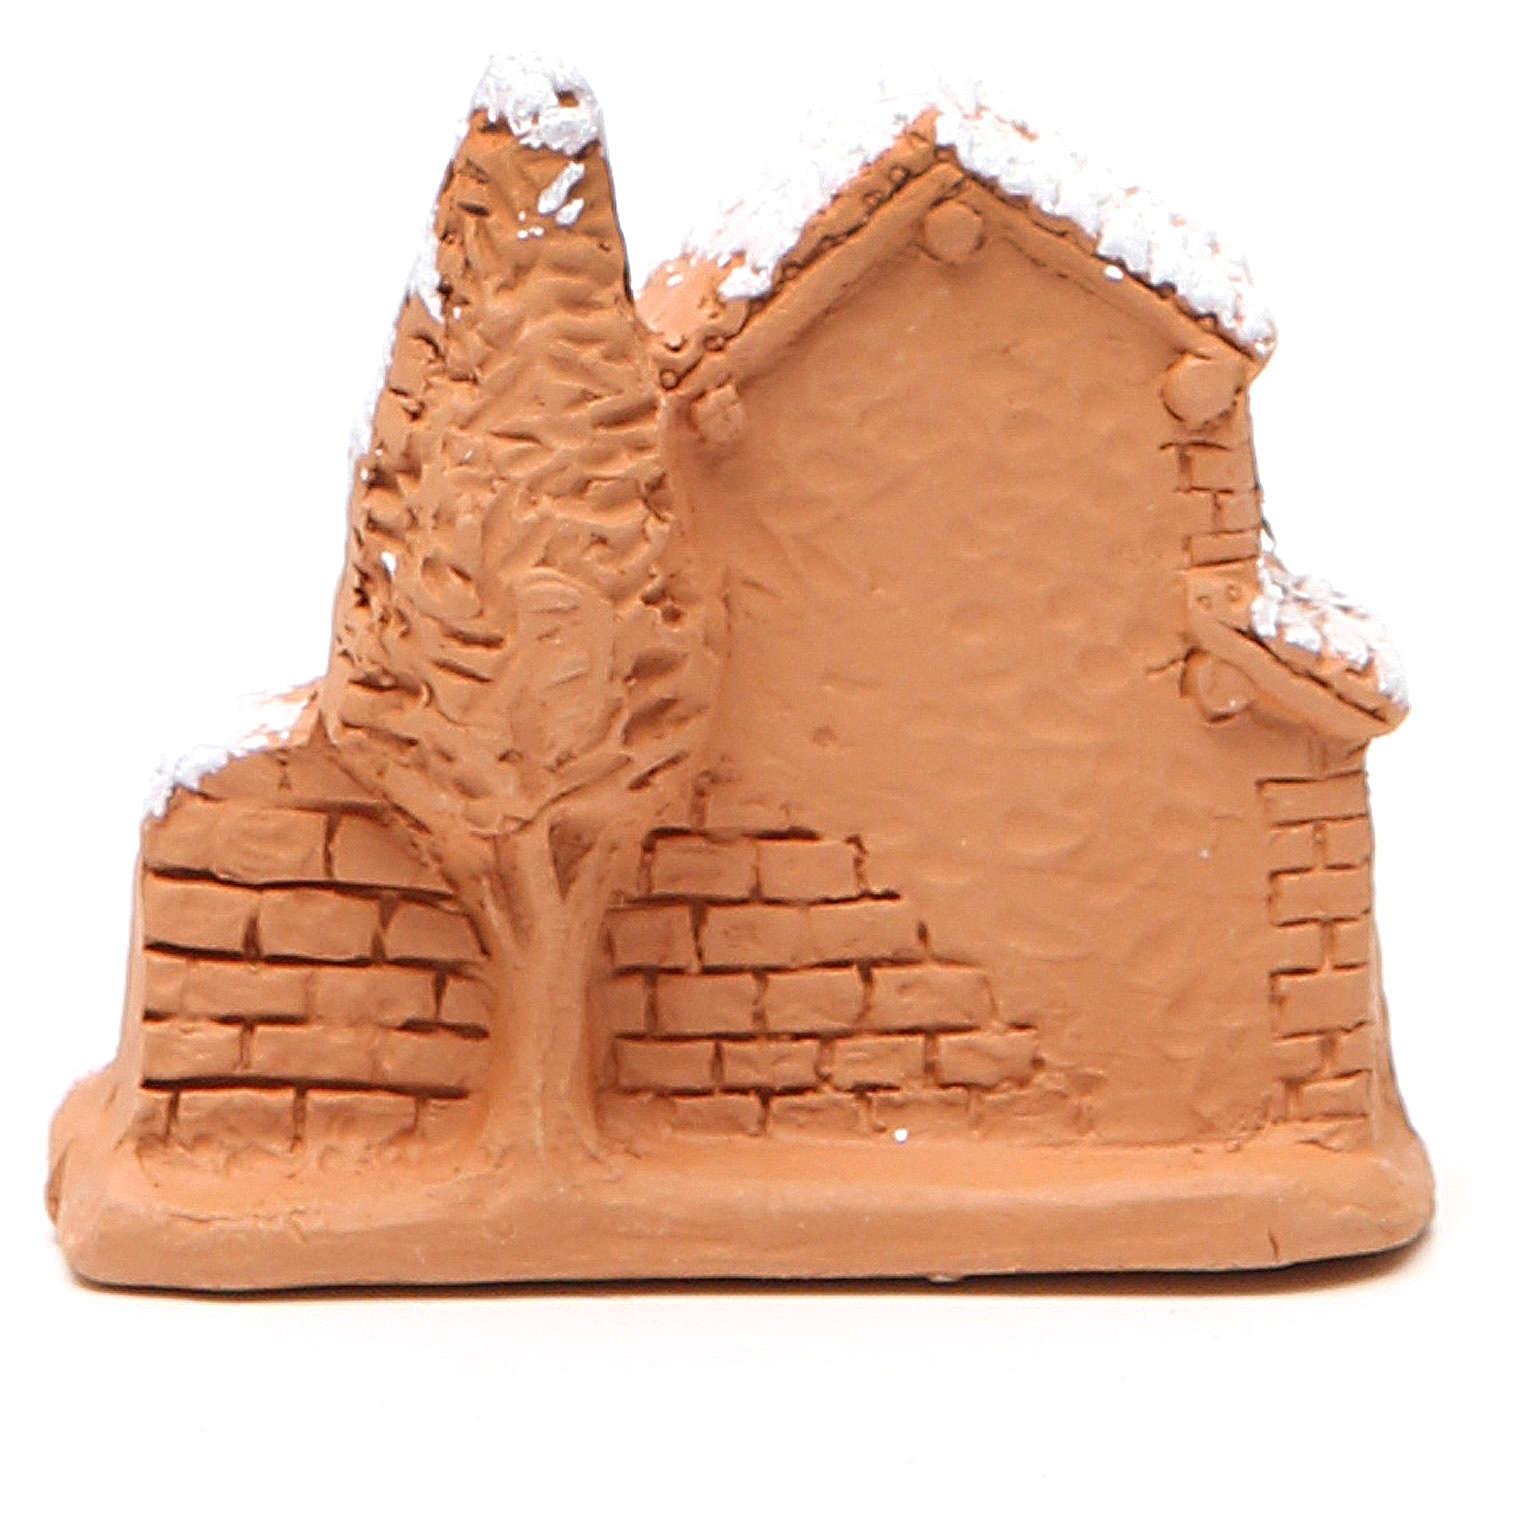 Cabane et nativité miniature terre cuite neige 6x7x3 cm 4